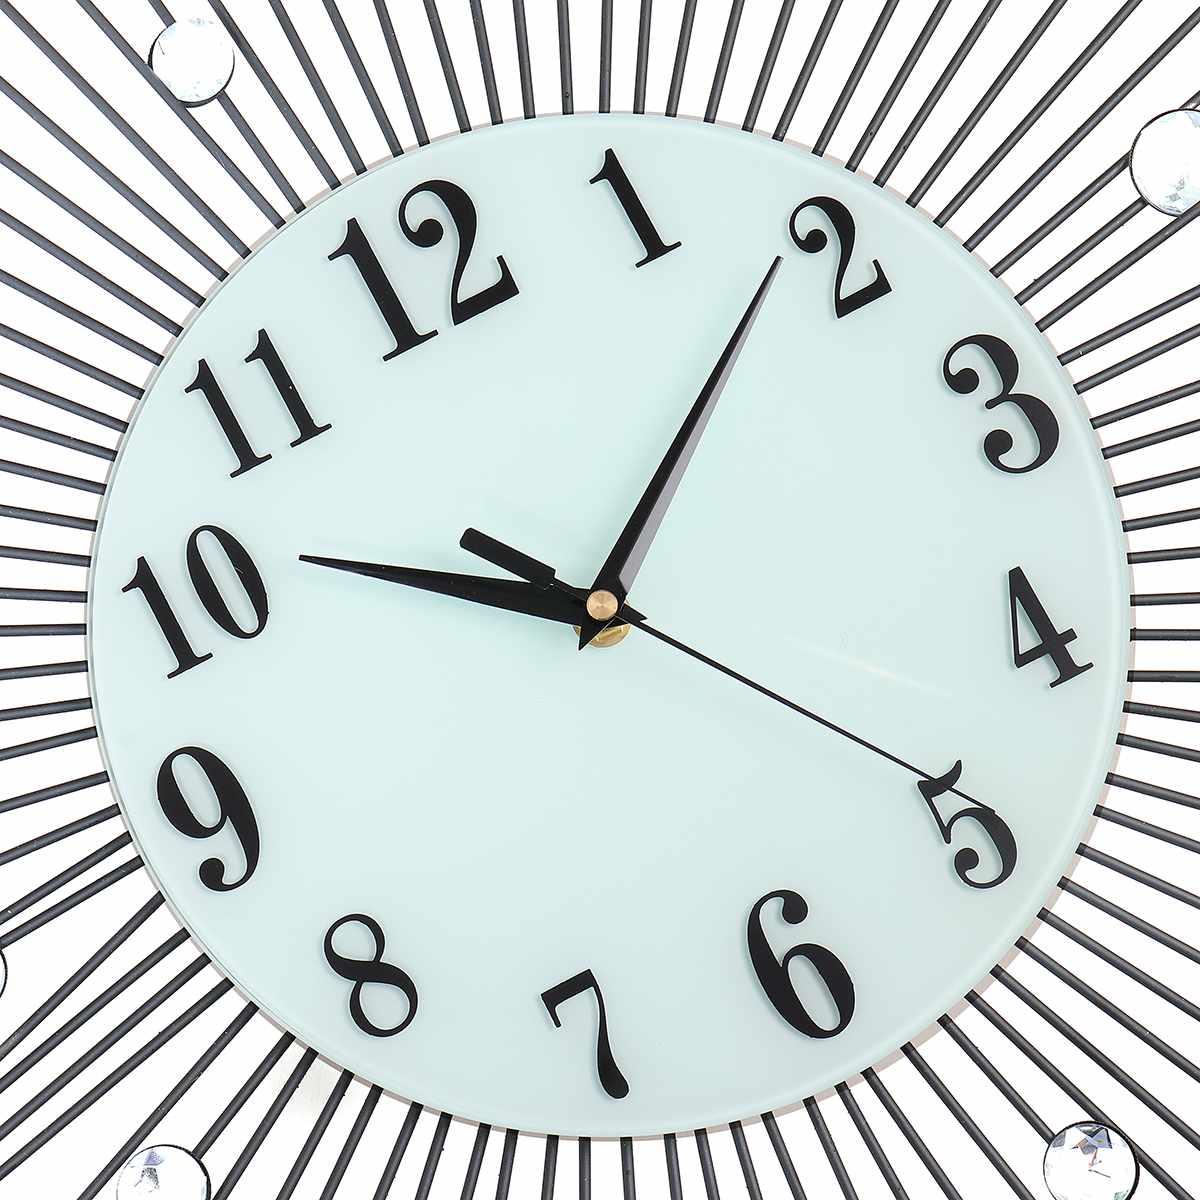 2019 luxe diamant horloge murale fer Art métal cristal 3D grande horloge murale ronde montre miroir diamant suspendus horloges décor à la maison - 5